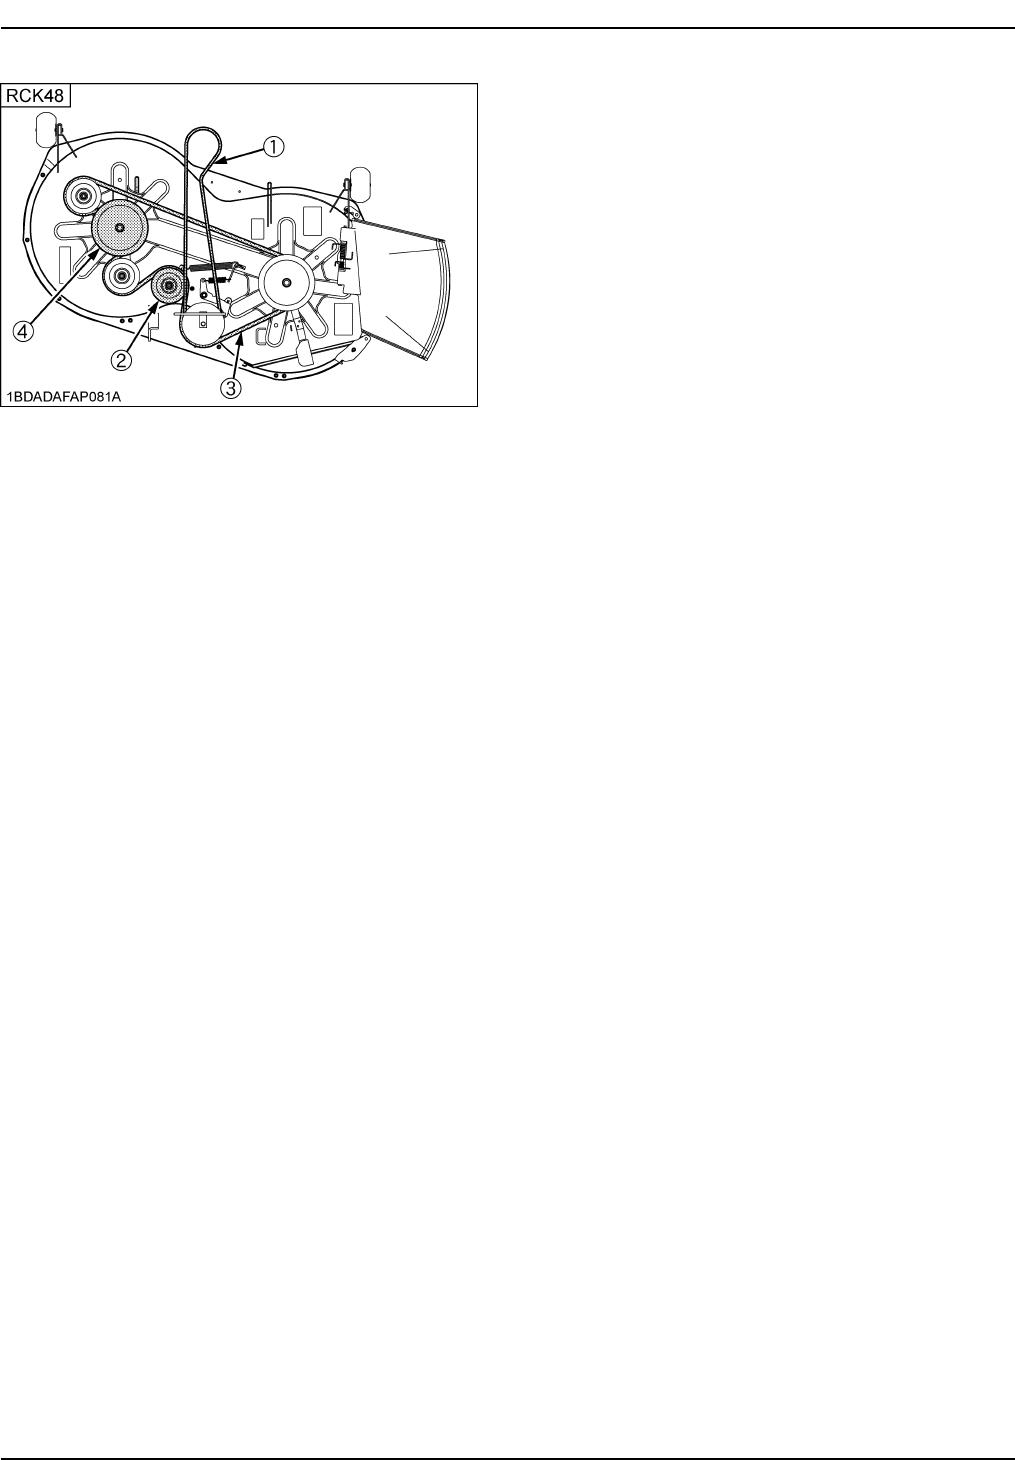 Wondrous Handleiding Kubota T1880 Pagina 68 Van 78 English Wiring Cloud Hisonuggs Outletorg